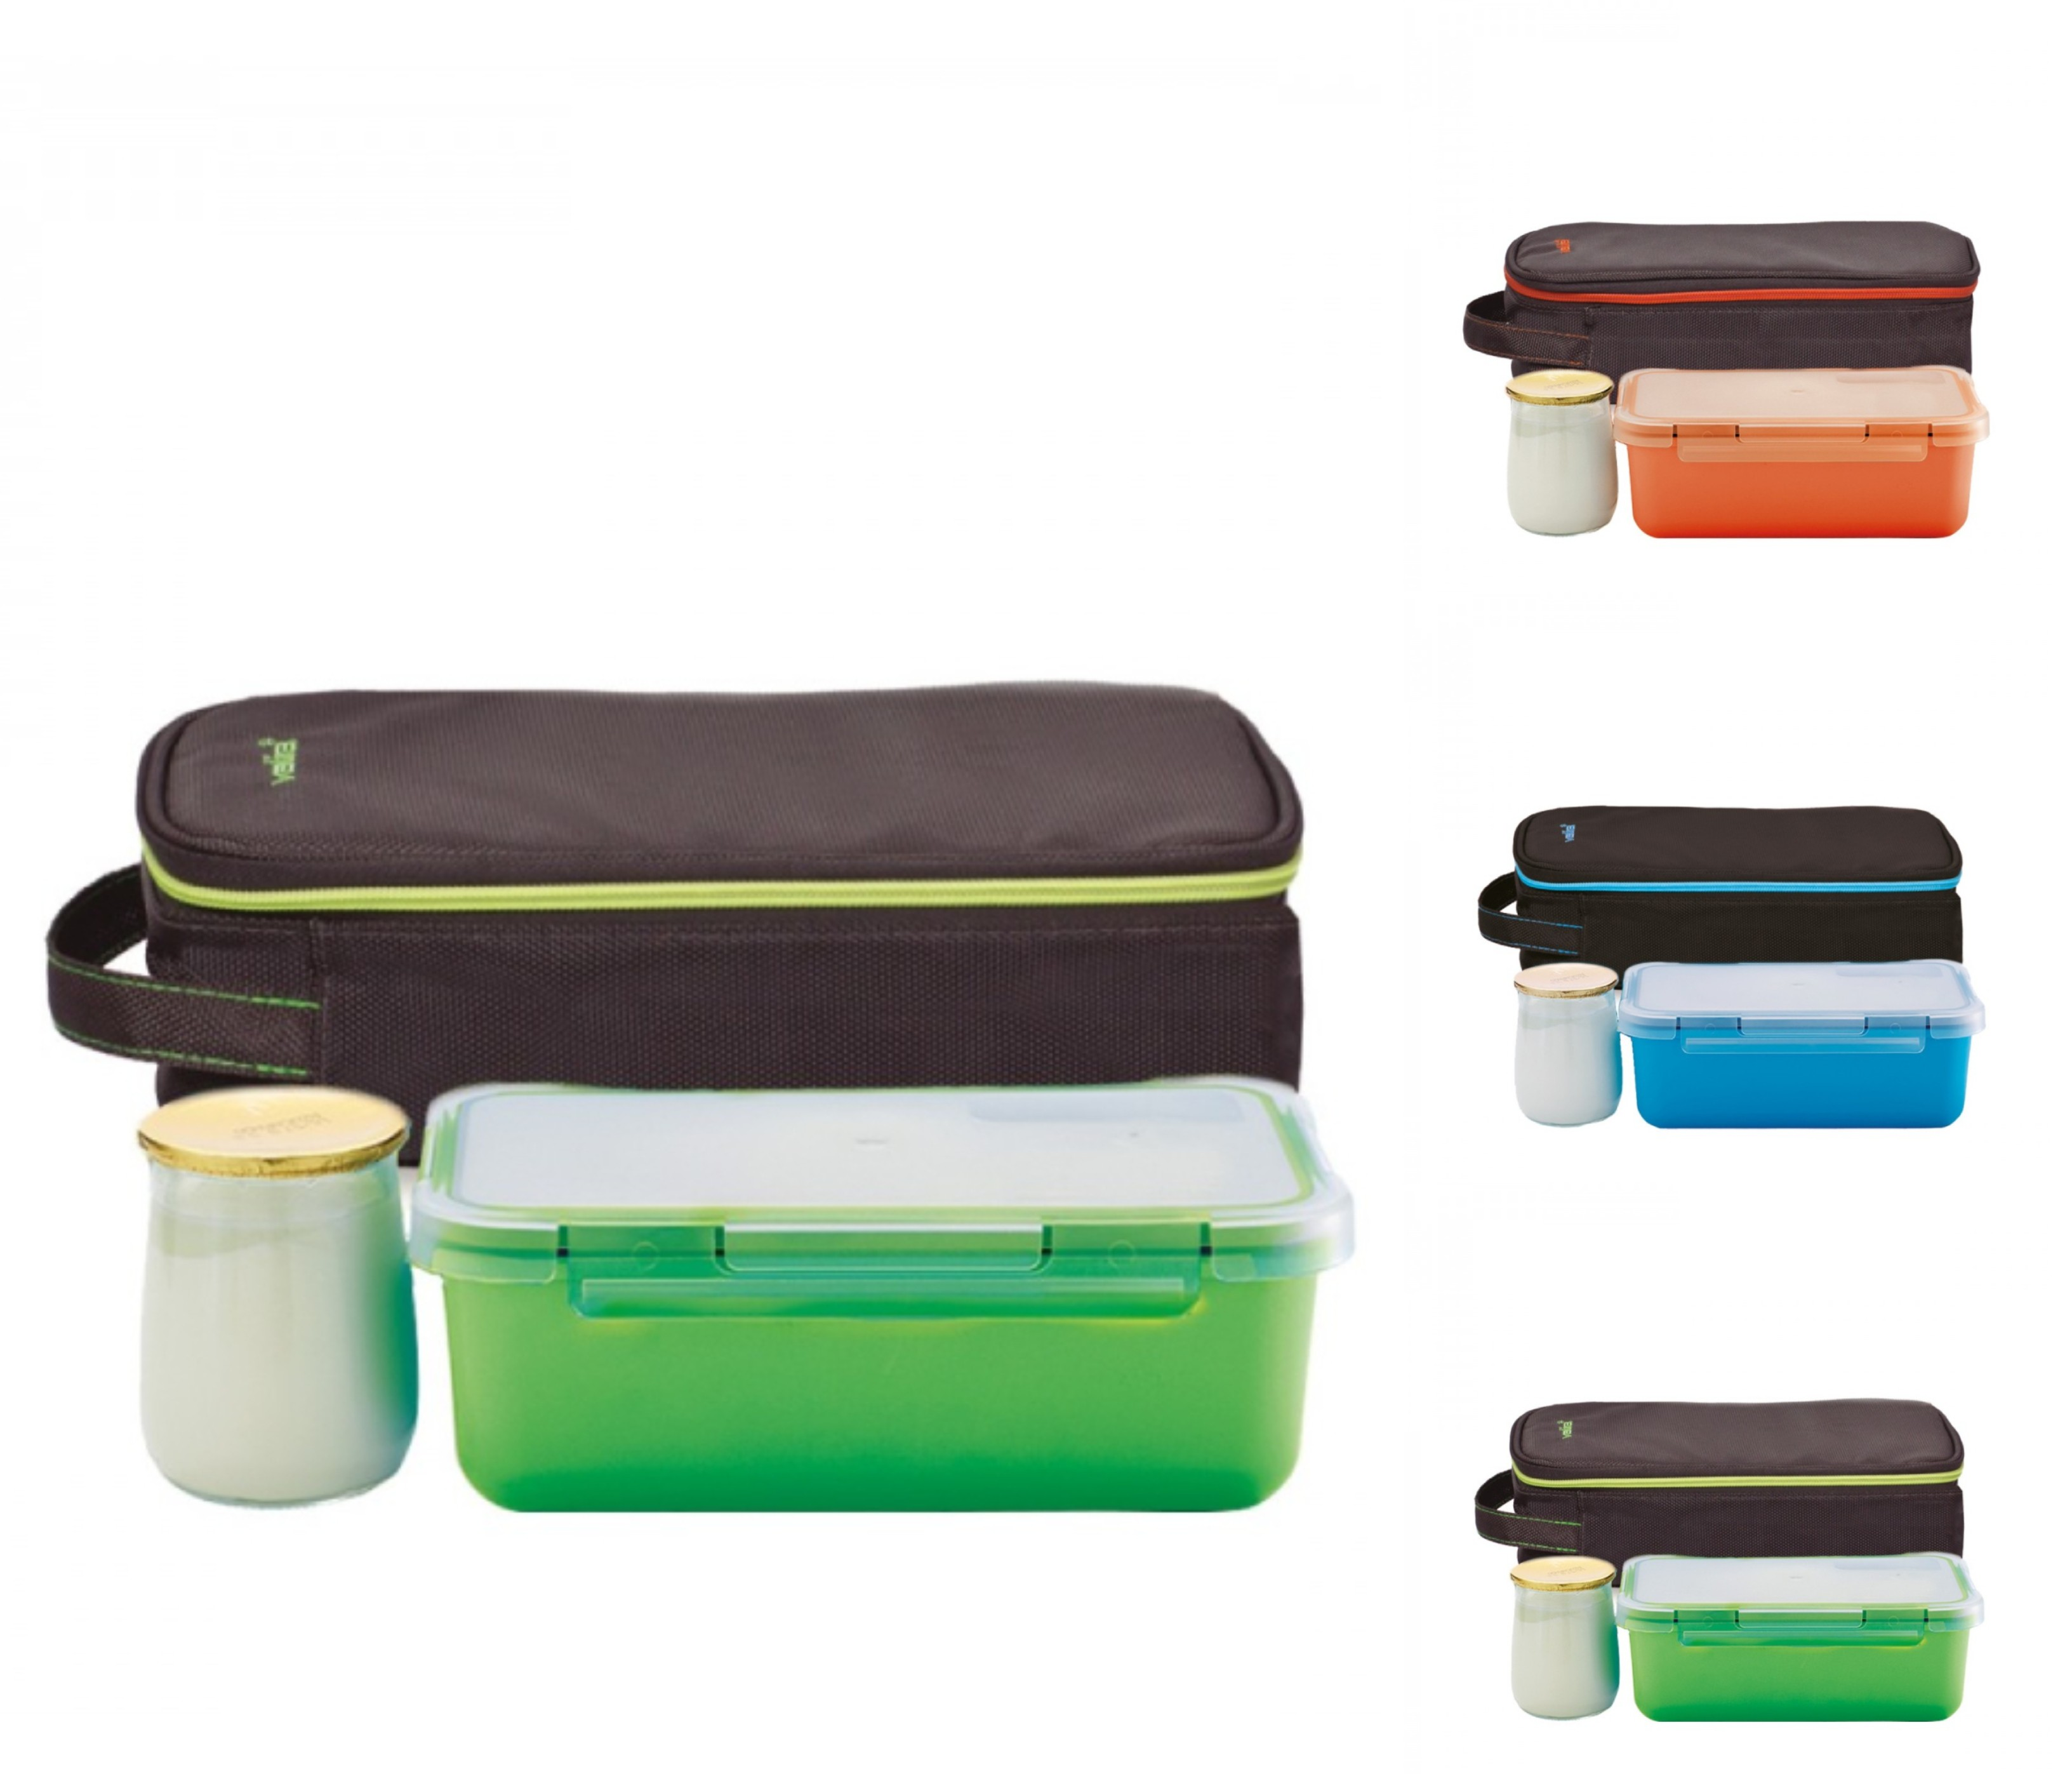 lunch-bag-contenedor-075l-valira